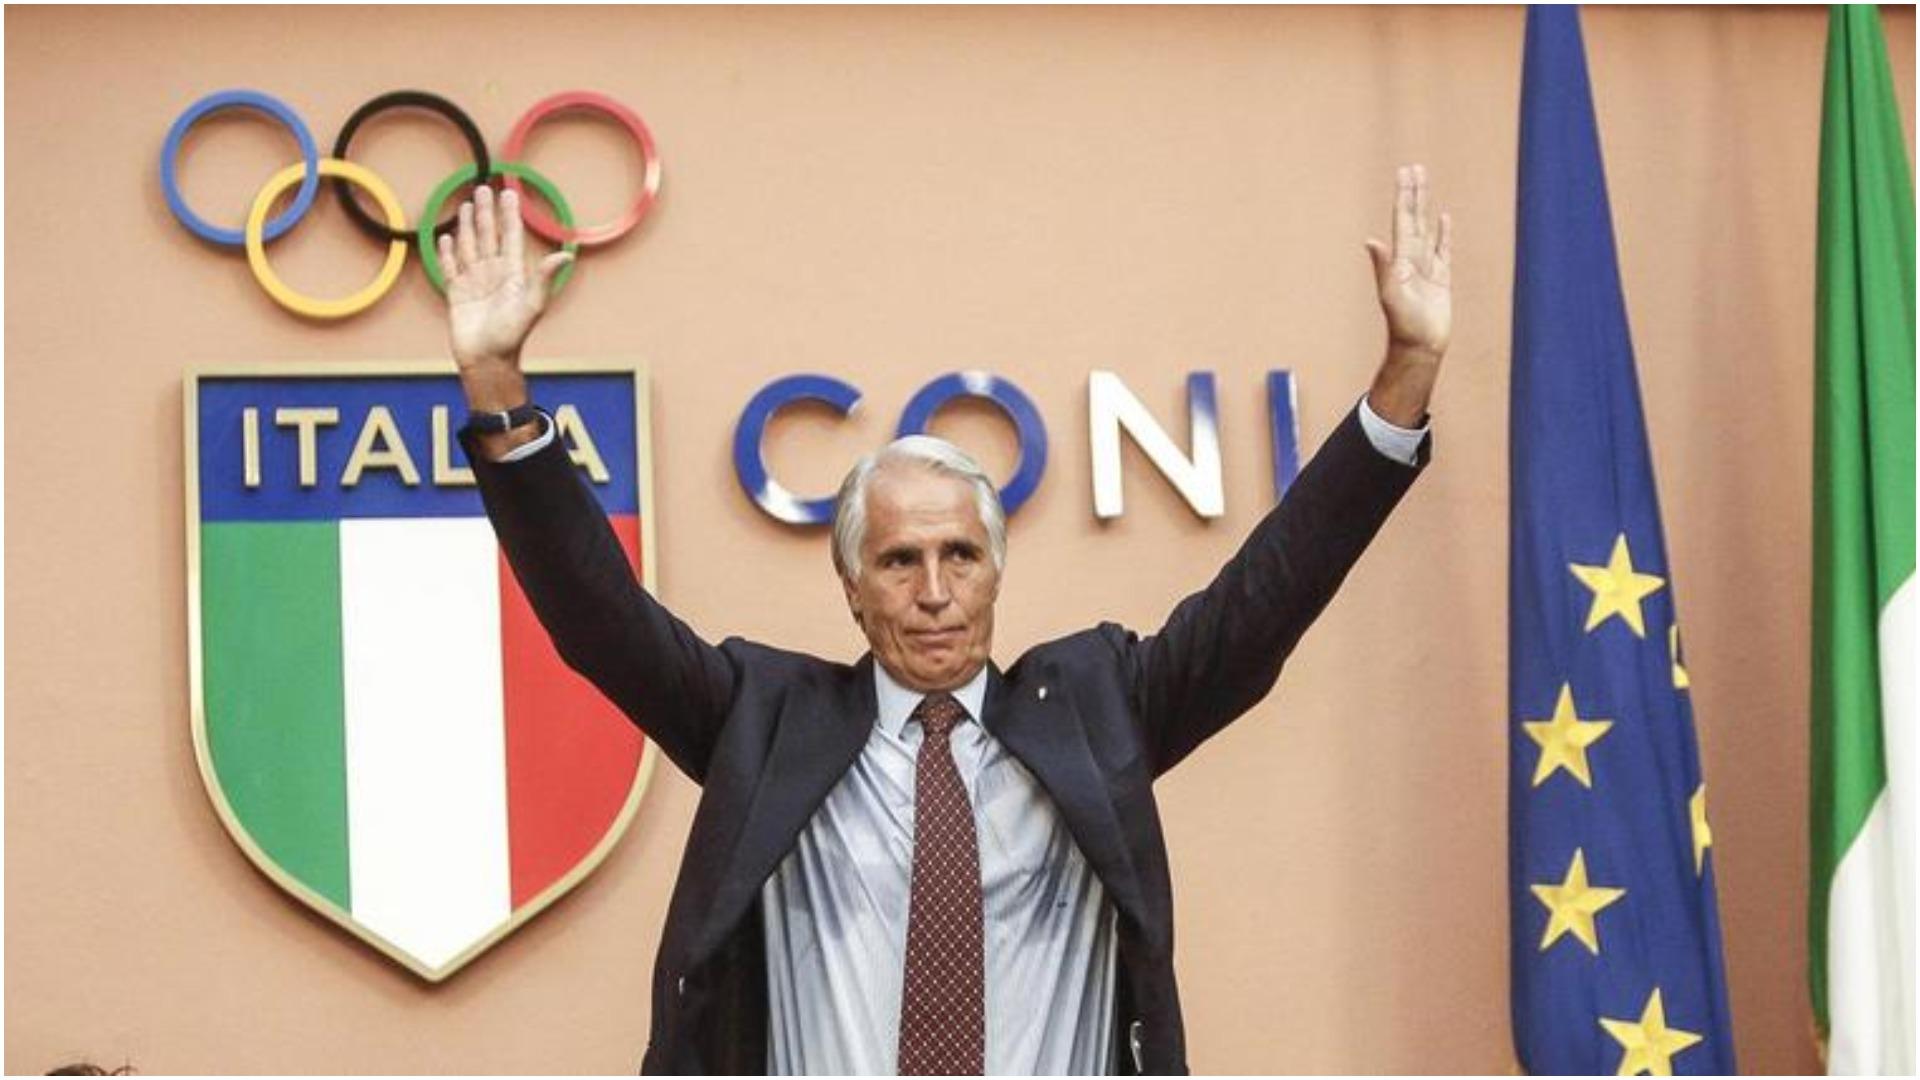 Euro 2020, Serie A dhe kombëtarja: Rrëfehet presidenti Malago